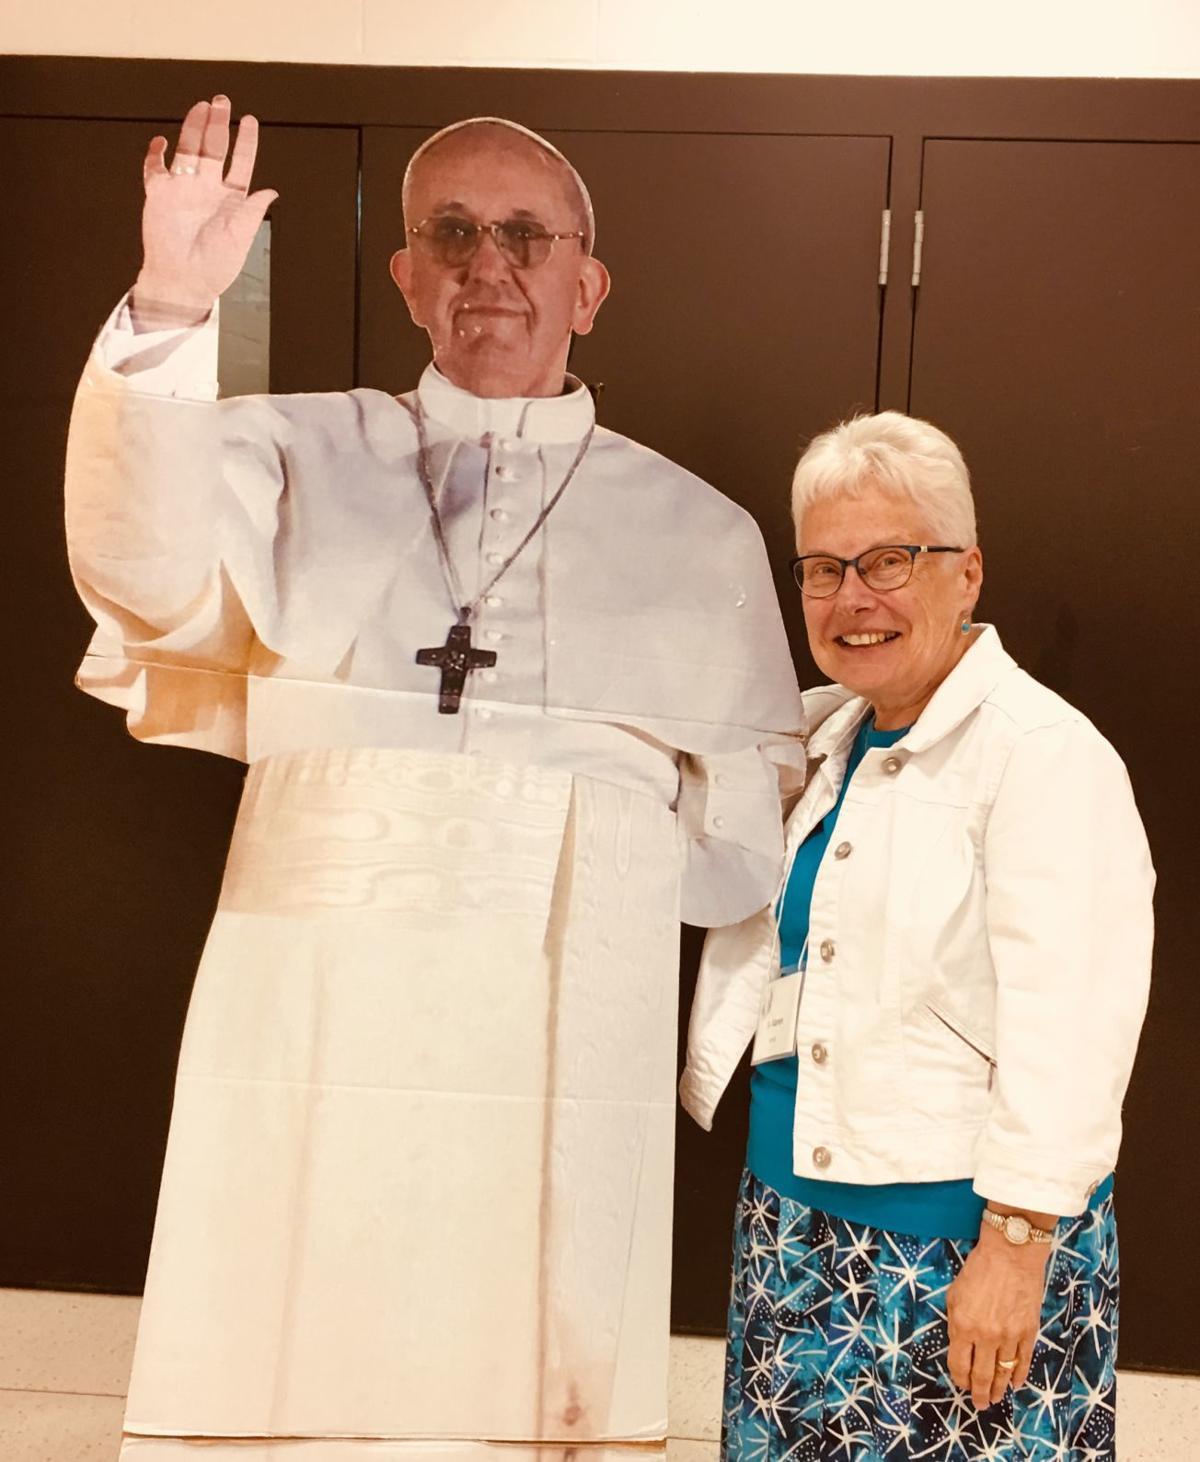 Sister Karen and pope